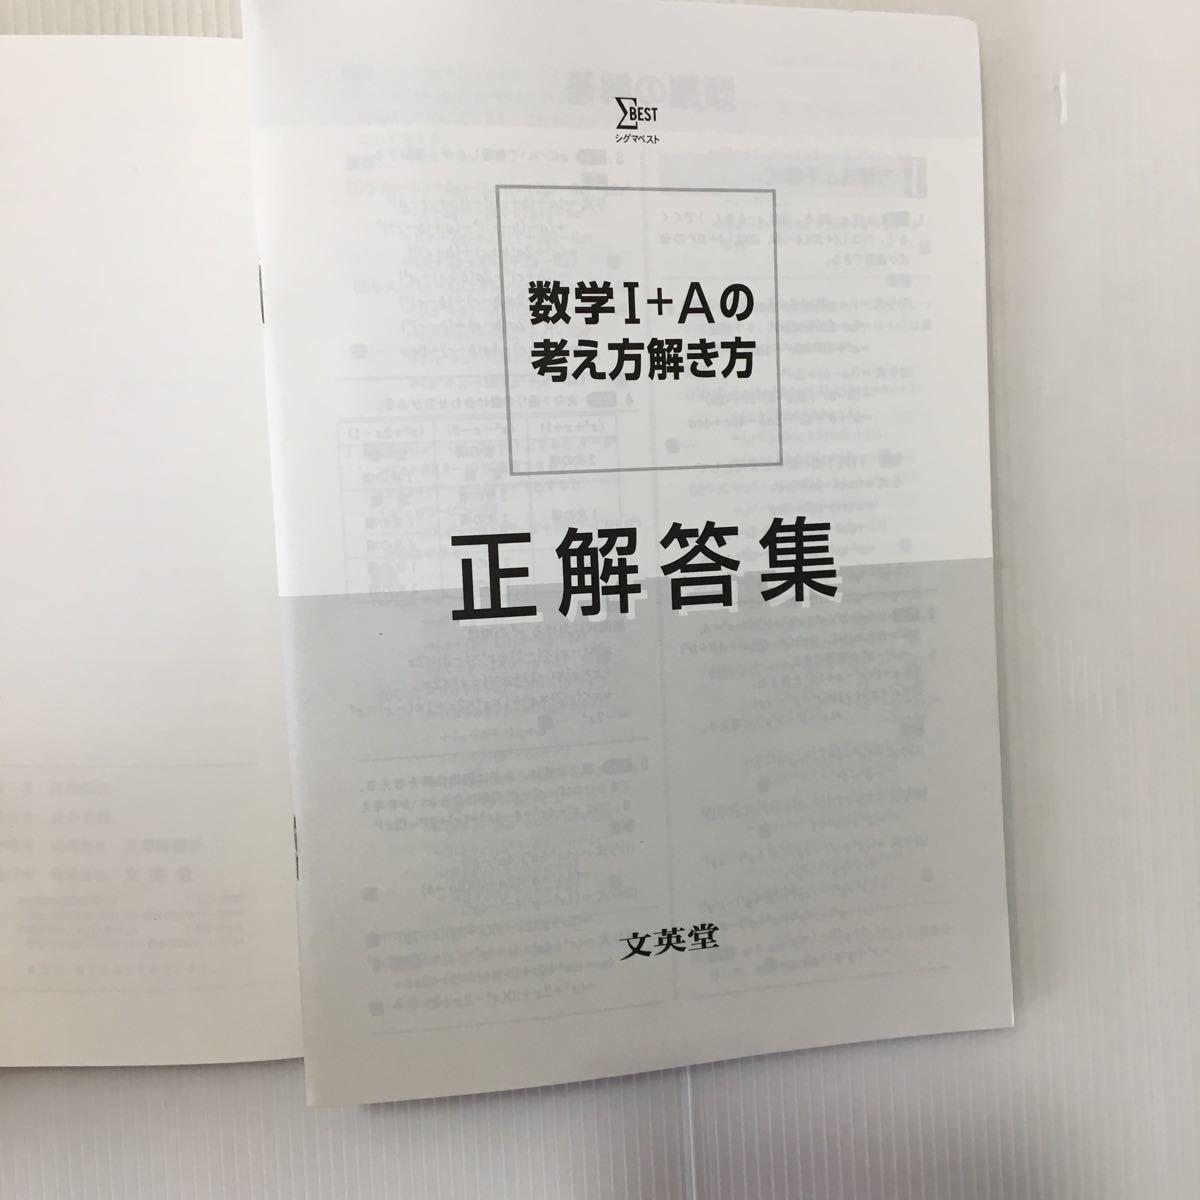 zaa-047★数学I+Aの考え方解き方 (シグマベスト) (日本語) 単行本 2006/9/1 岡部 恒治